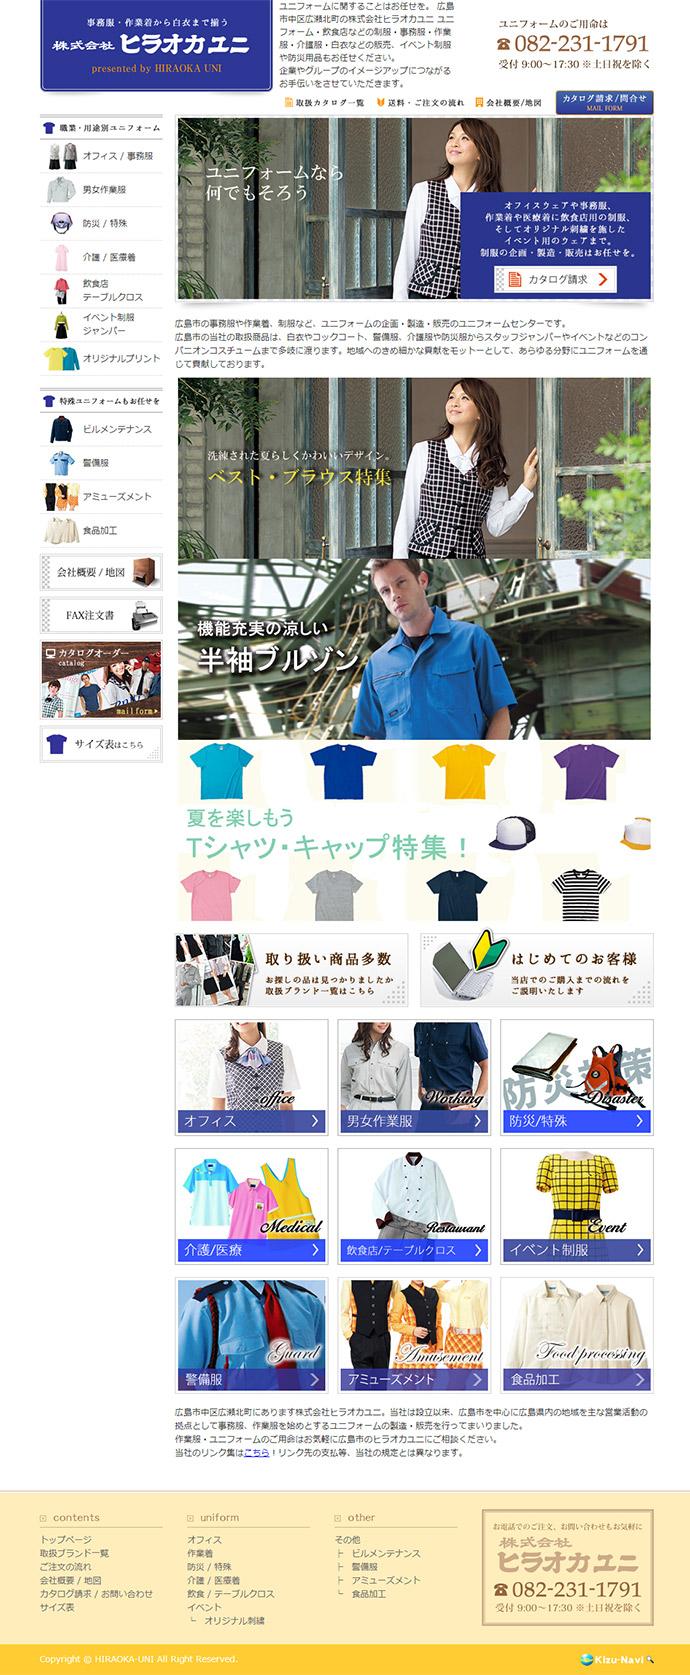 株式会社ヒラオカユニ